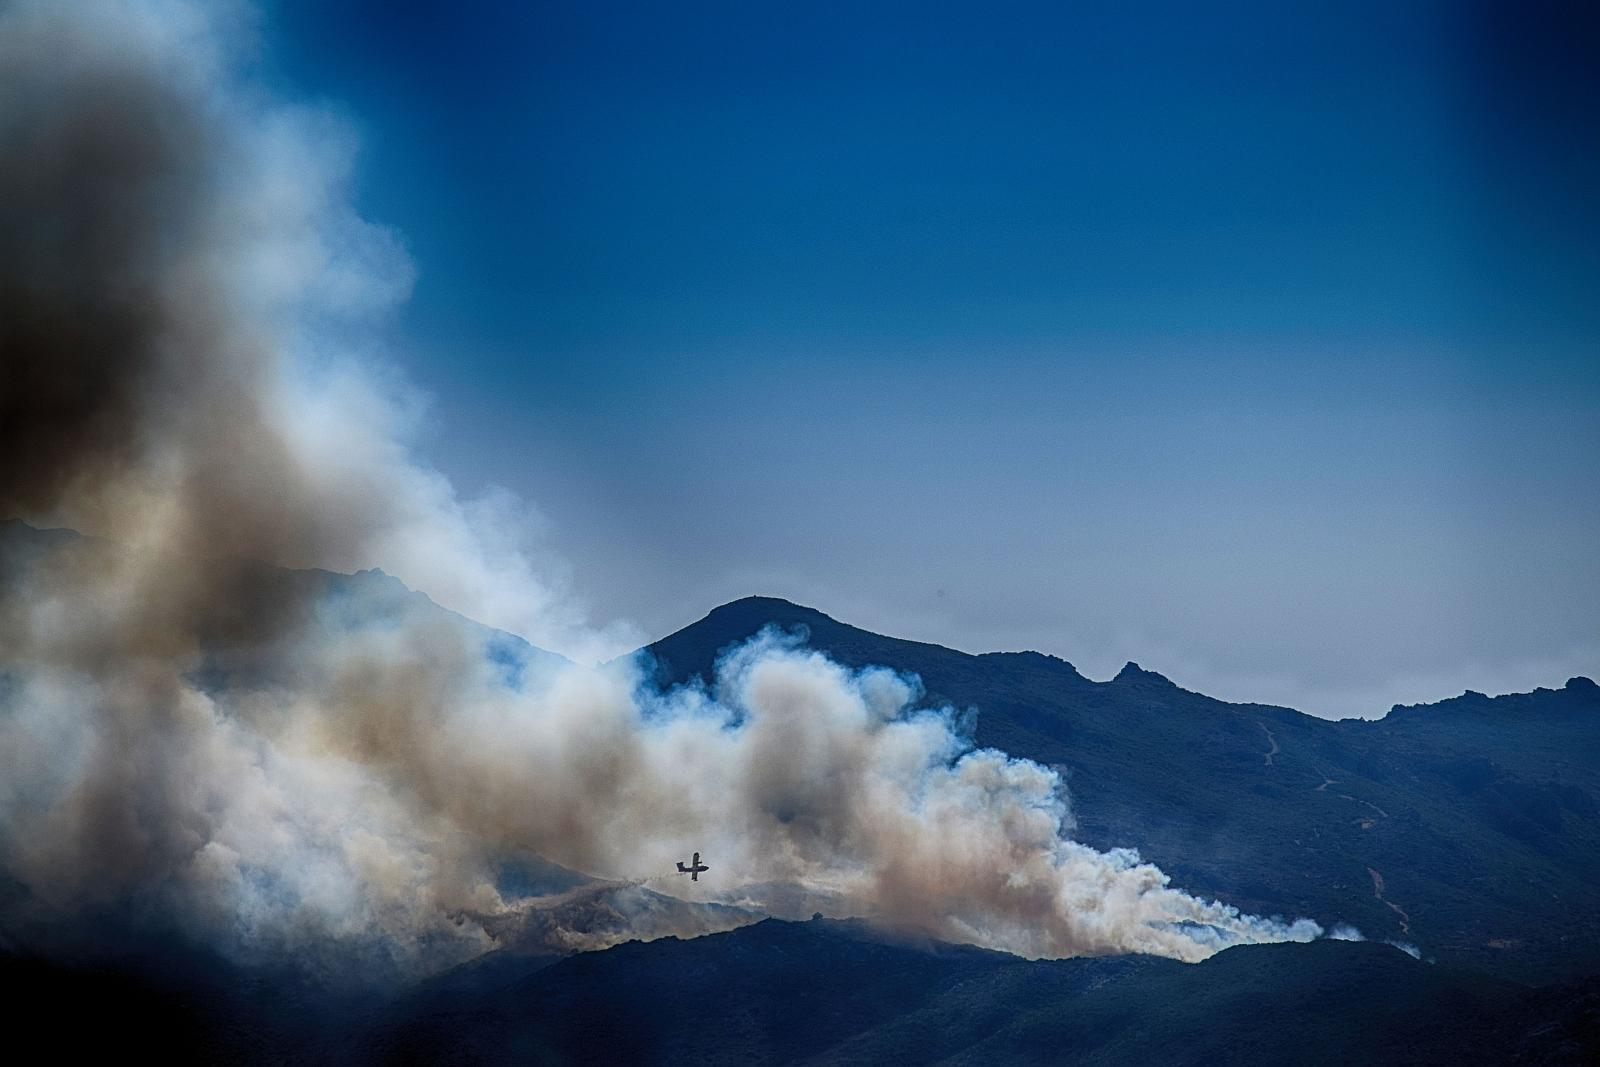 Die Côte d'Azur hat es derzeit wahrlich nicht leicht. War es im letzten Jahr das Attentat von Nizza, das die Besucher fernhielt, so sind es dieses Jahr die verheerenden Waldbrände, die Urlauber in Angst und Schrecken versetzten.